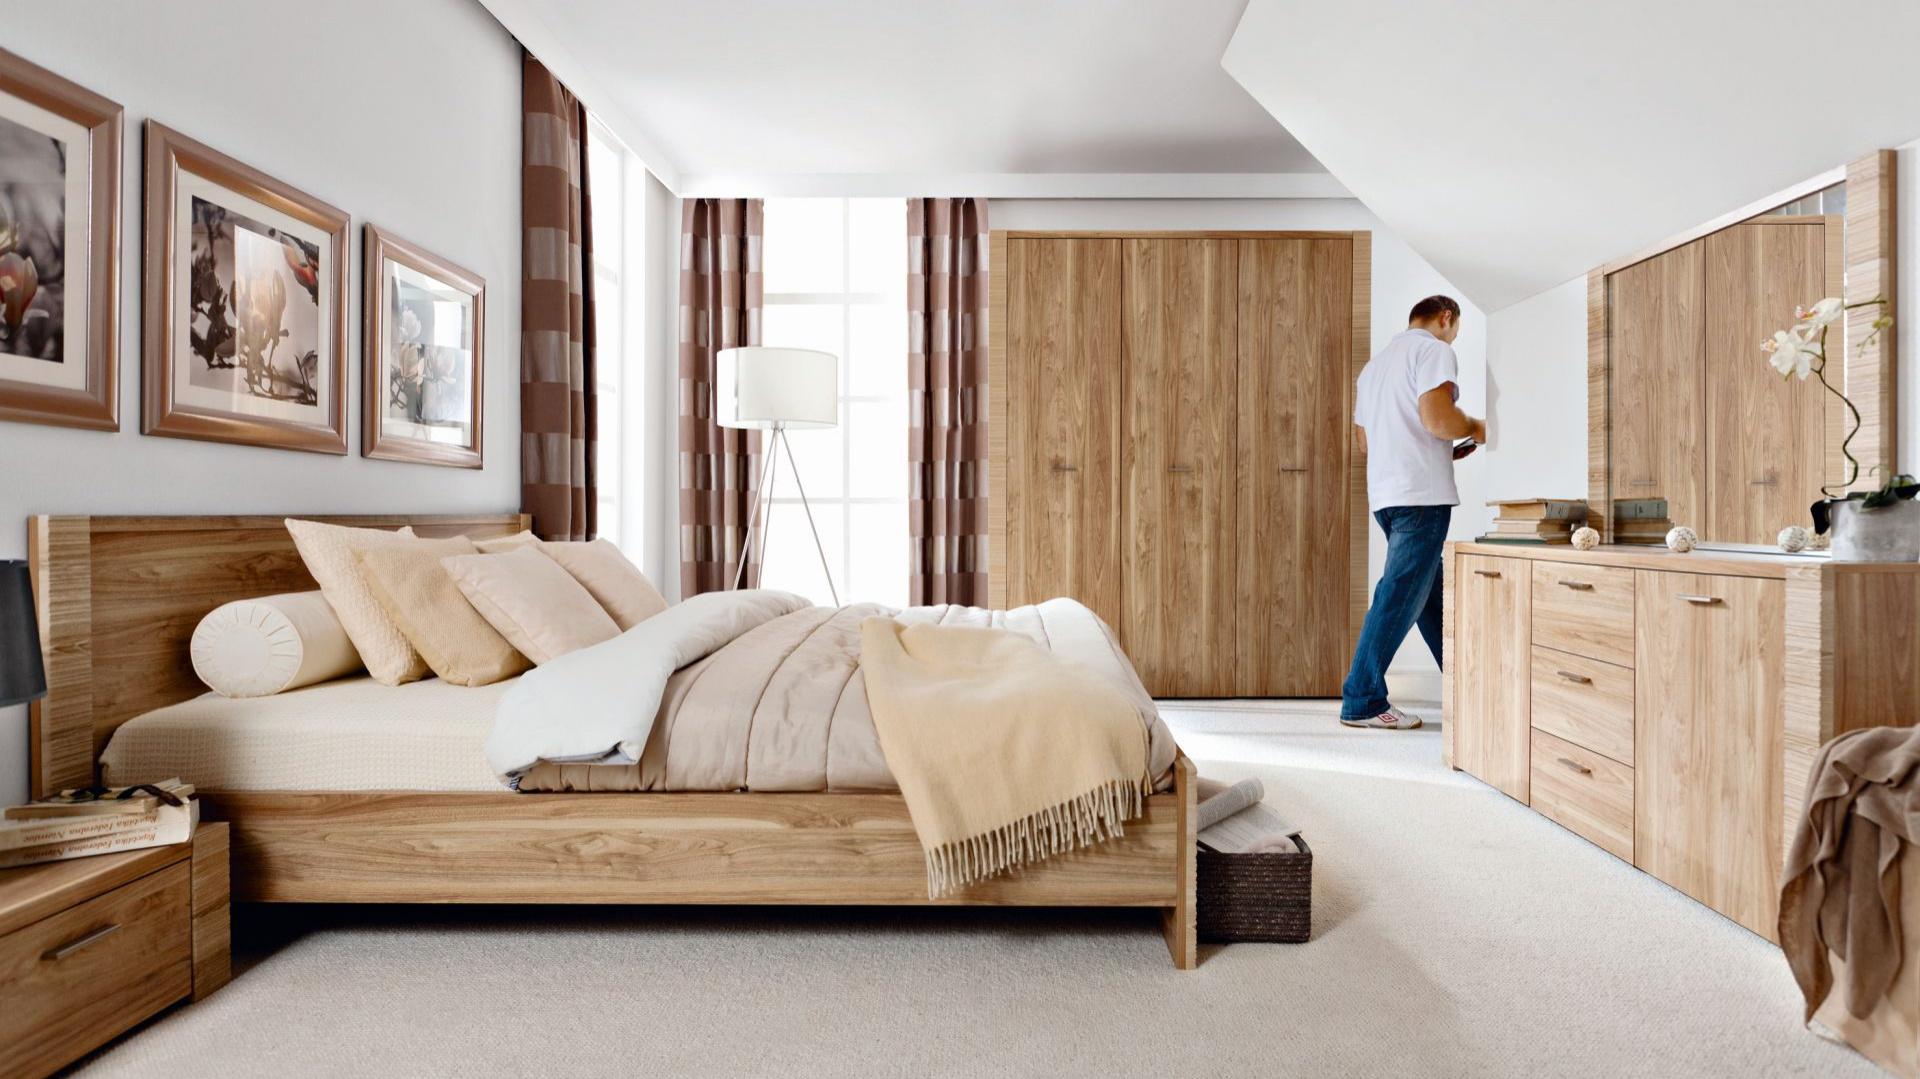 Niewiarygodnie Meble do sypialni z rysunkiem drewna. 15 nowości PF48